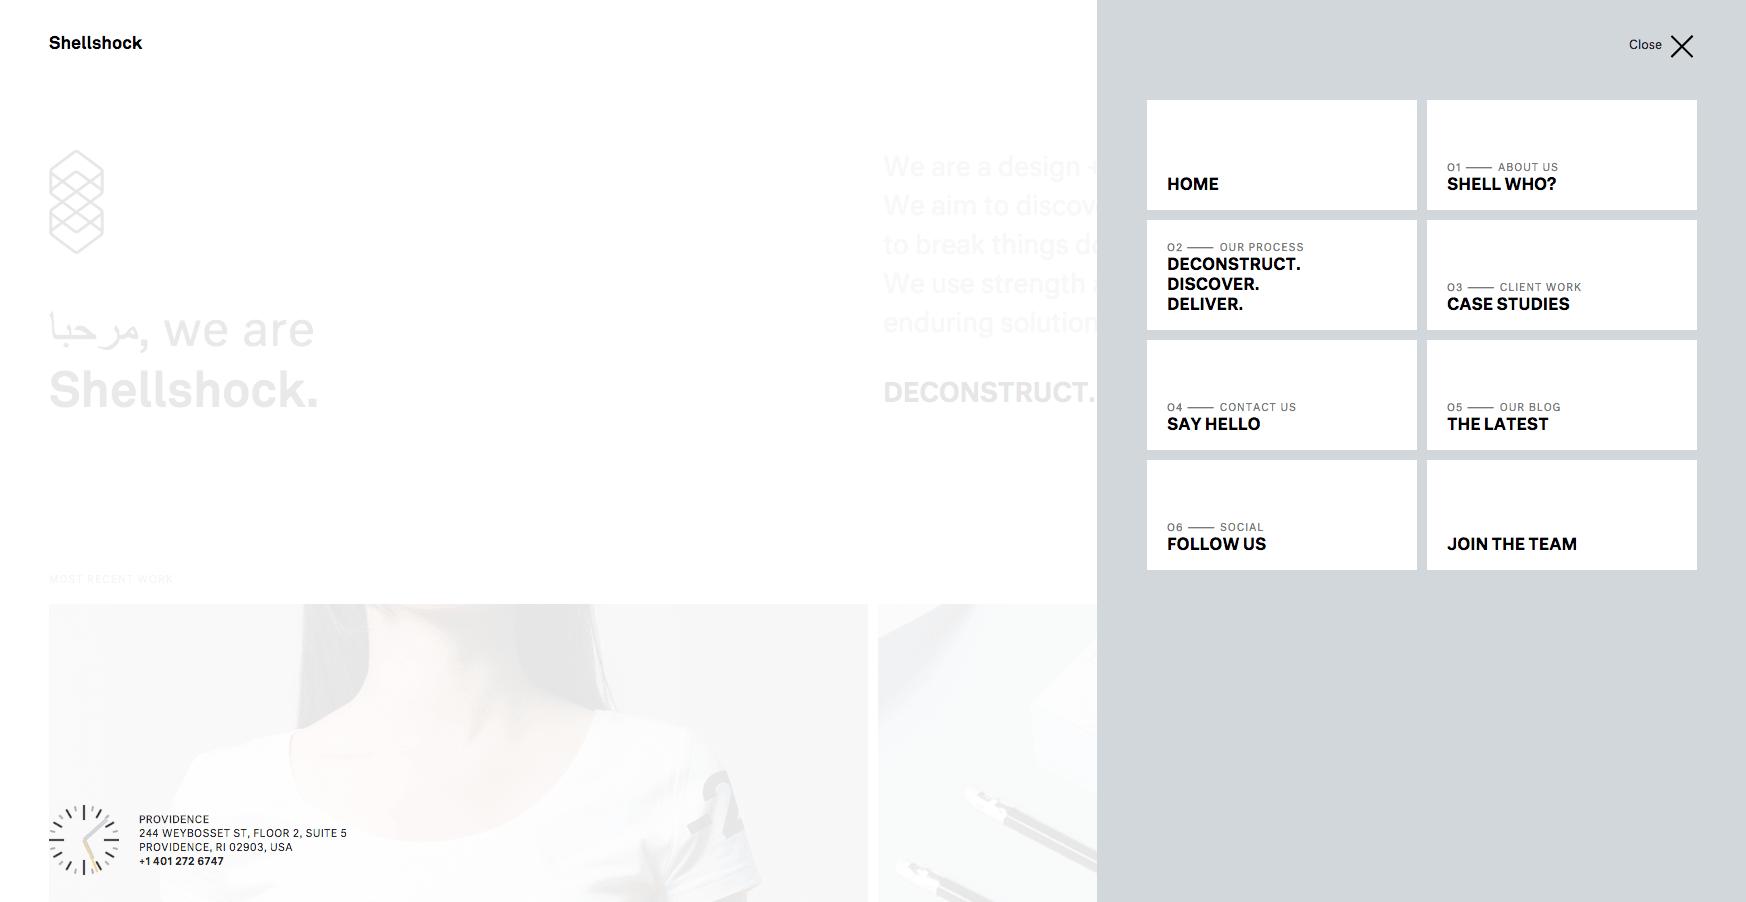 Screen Shot 2015-12-31 at 5.08.21 PM